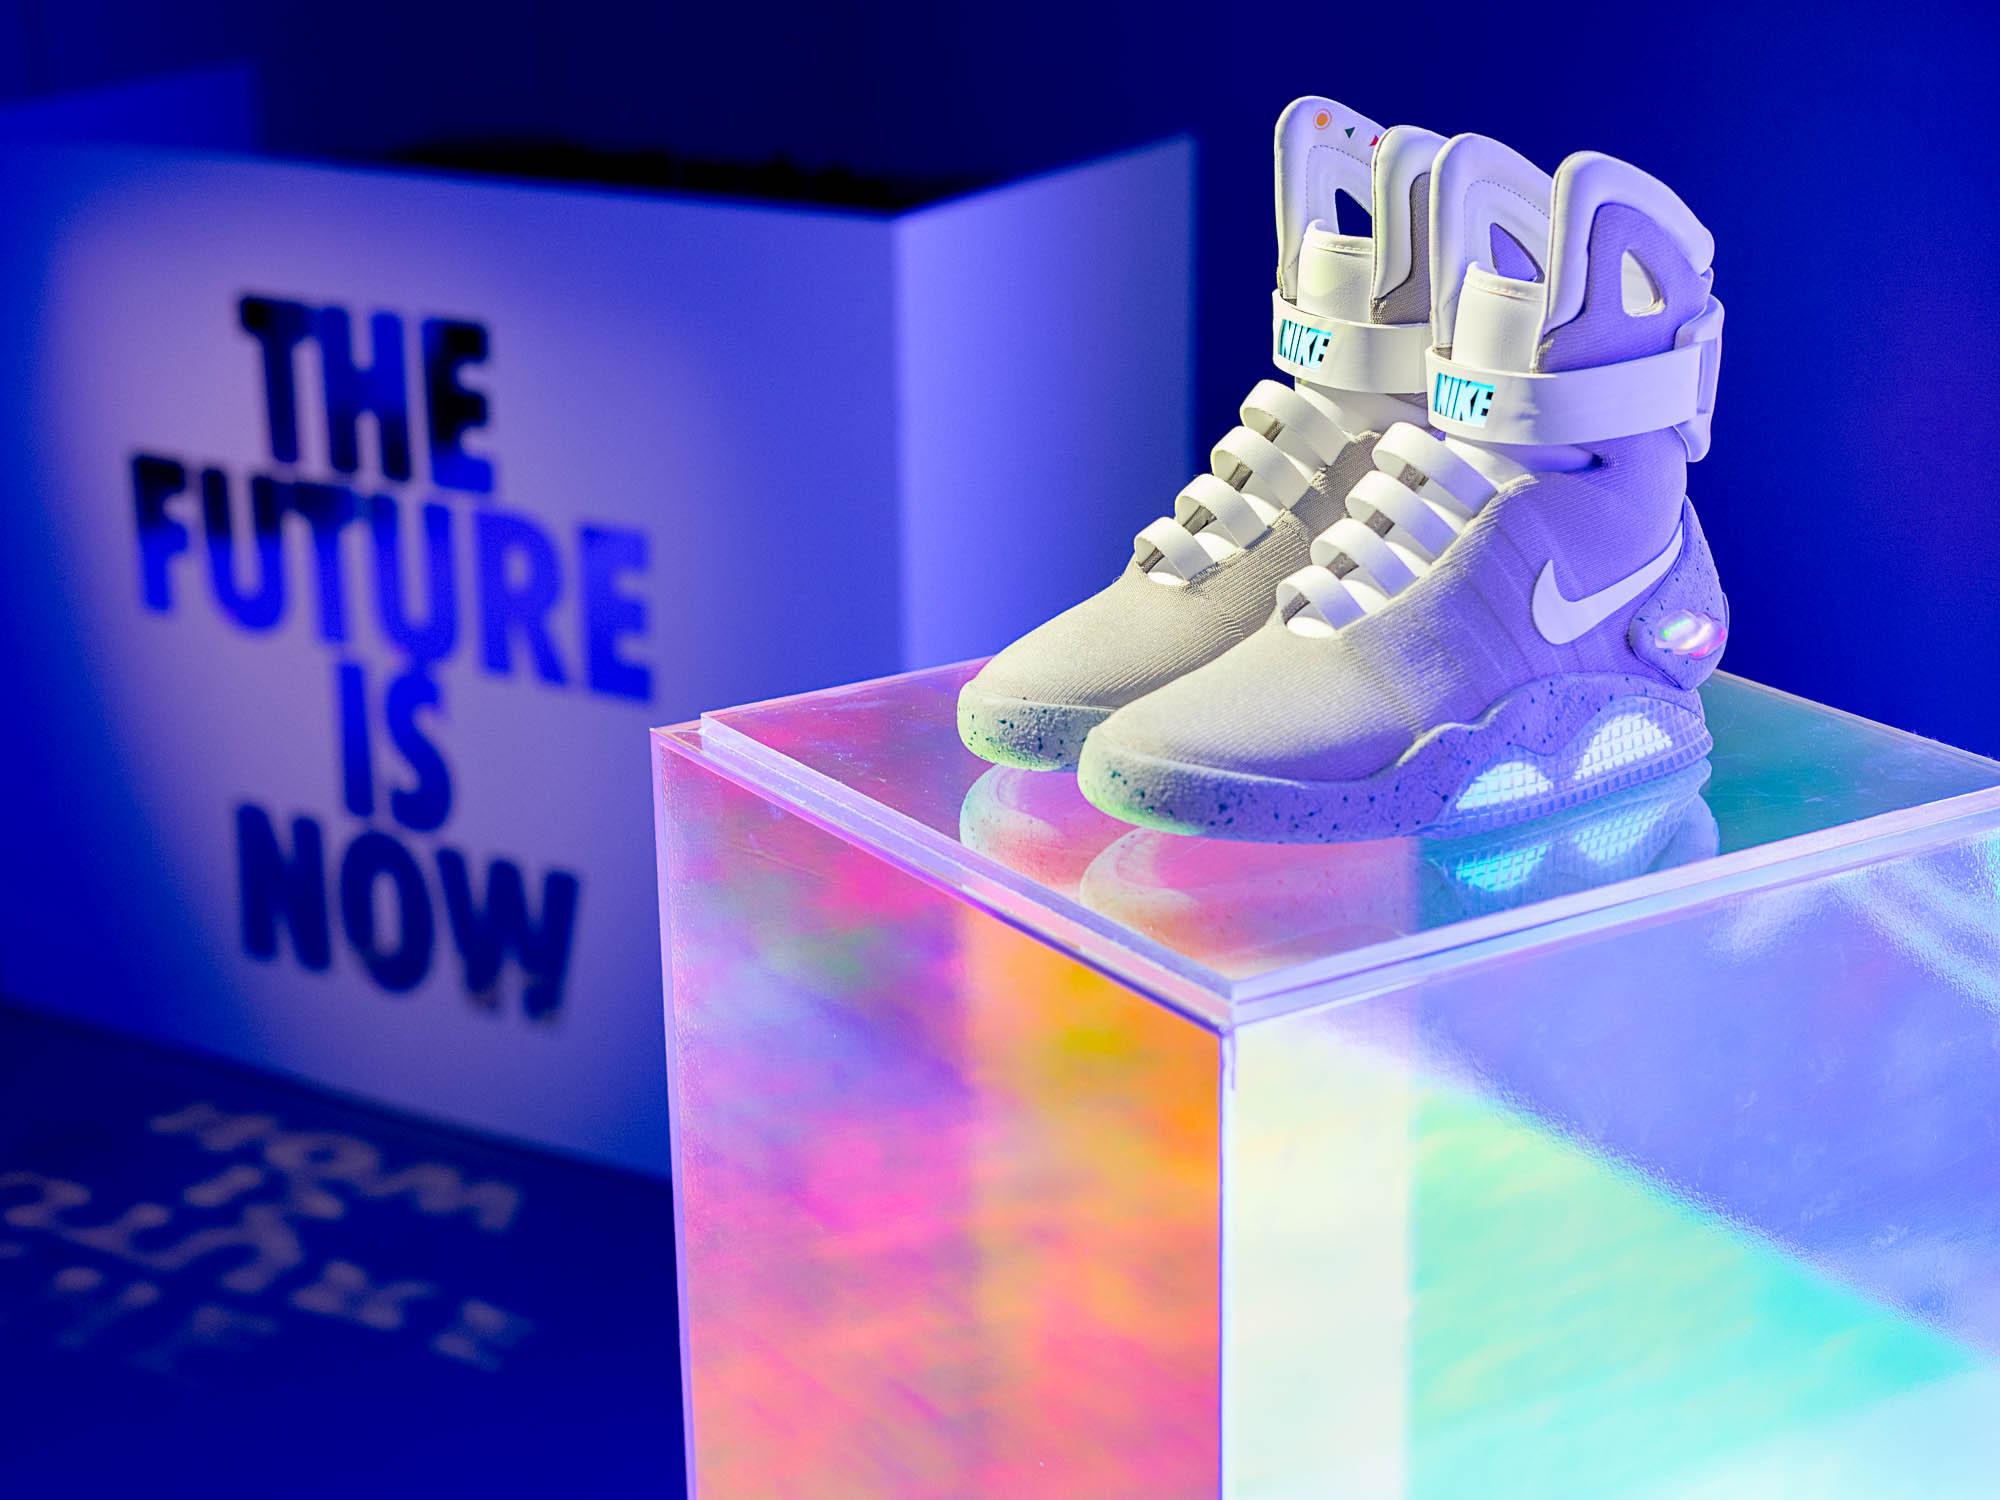 神鞋神價 / NIKE MAG 香港慈善義賣拍出八十一萬港幣 全數捐助帕金森氏症醫療研發